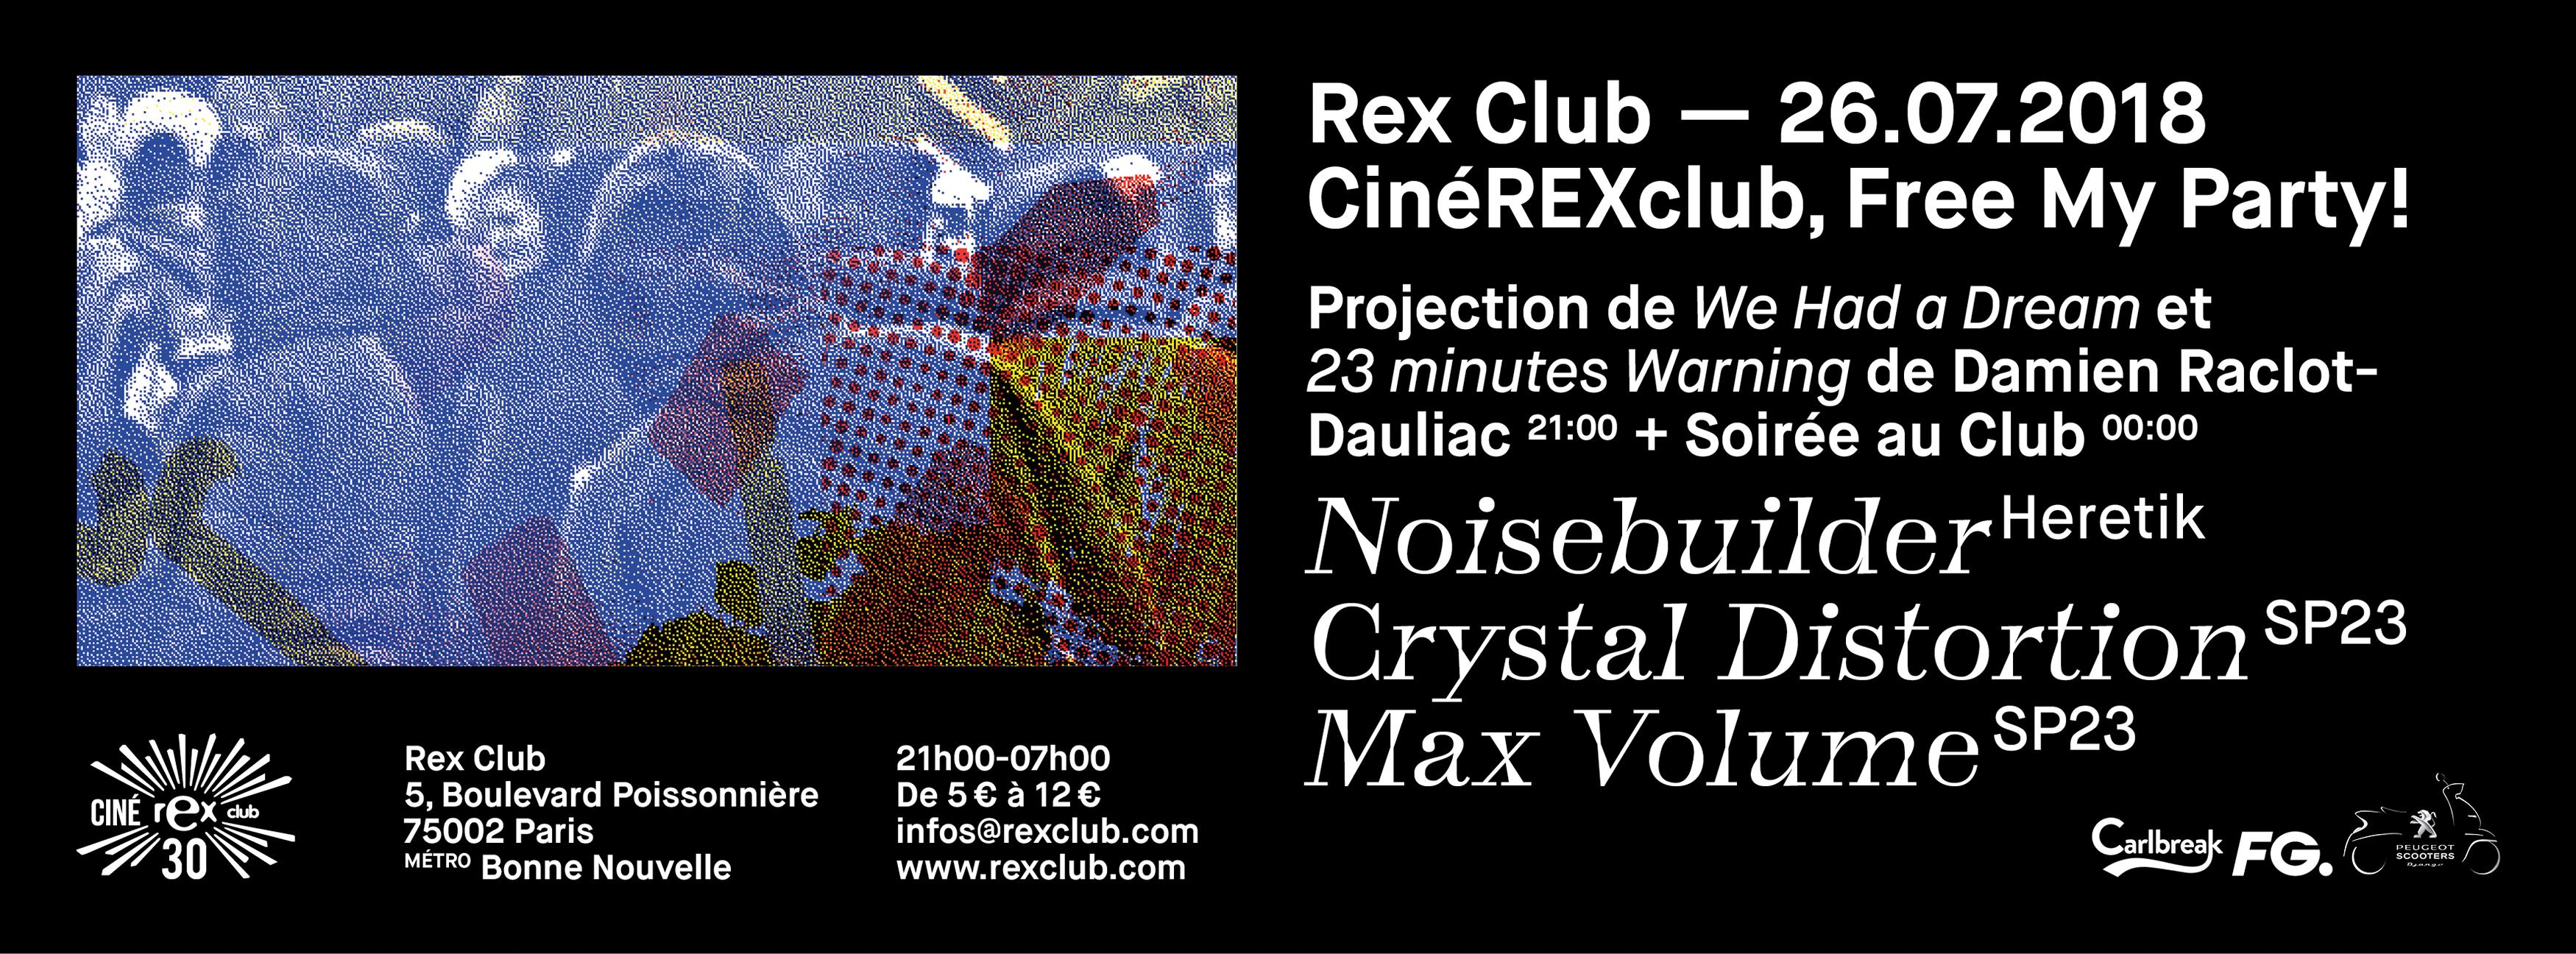 CineRexClub Free My Party: Noisebuilder, Crystal Distortion